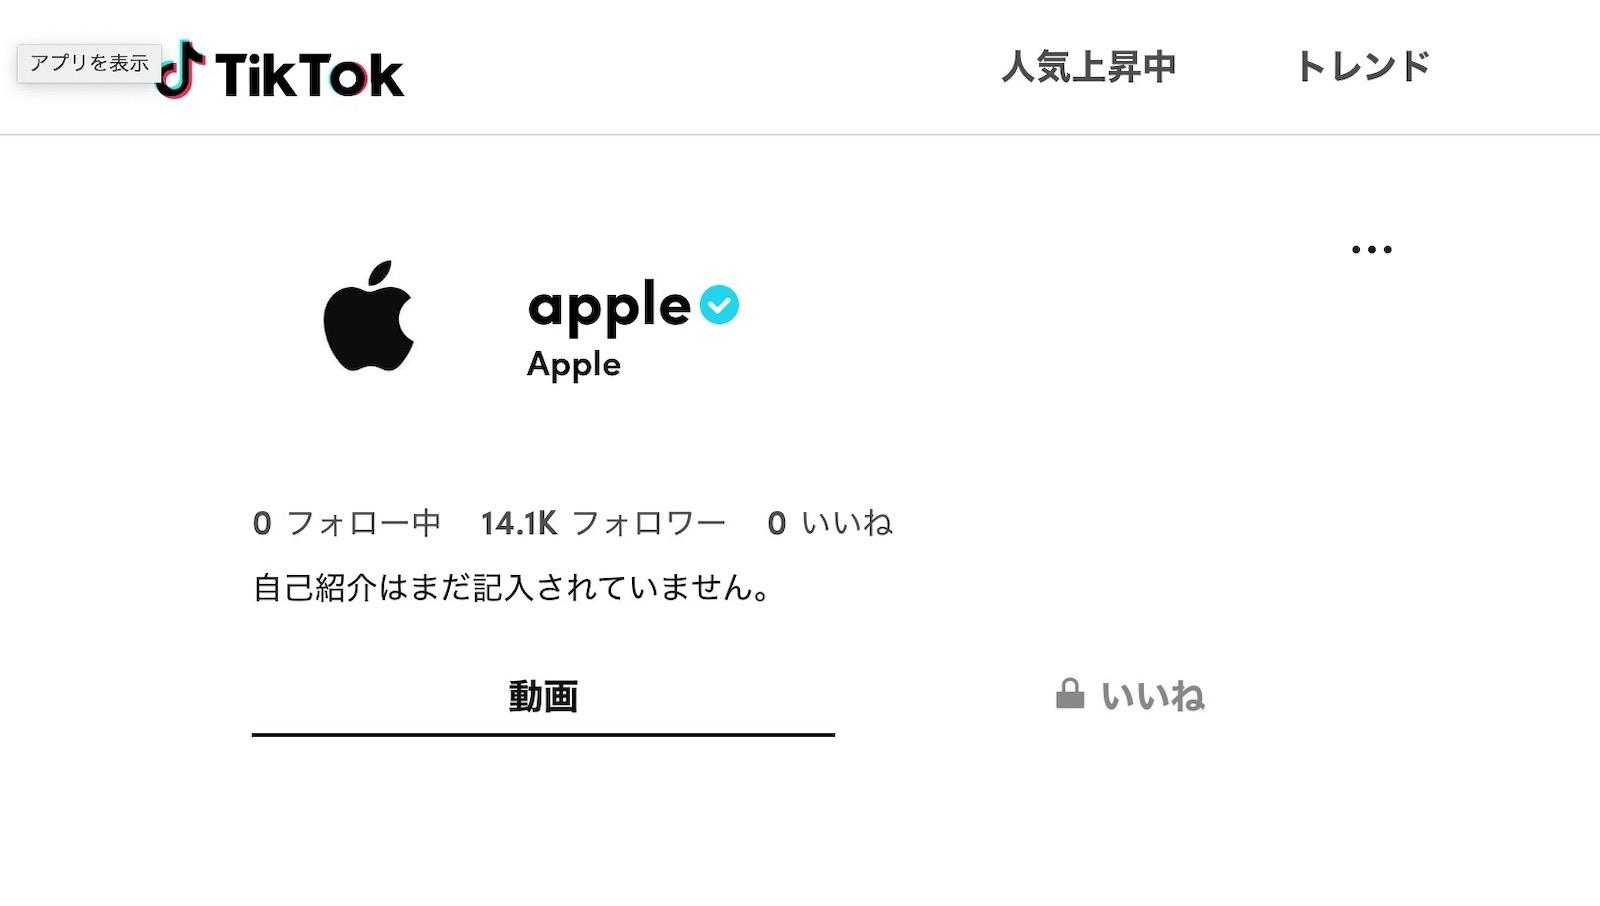 apple-tiktok.jpg